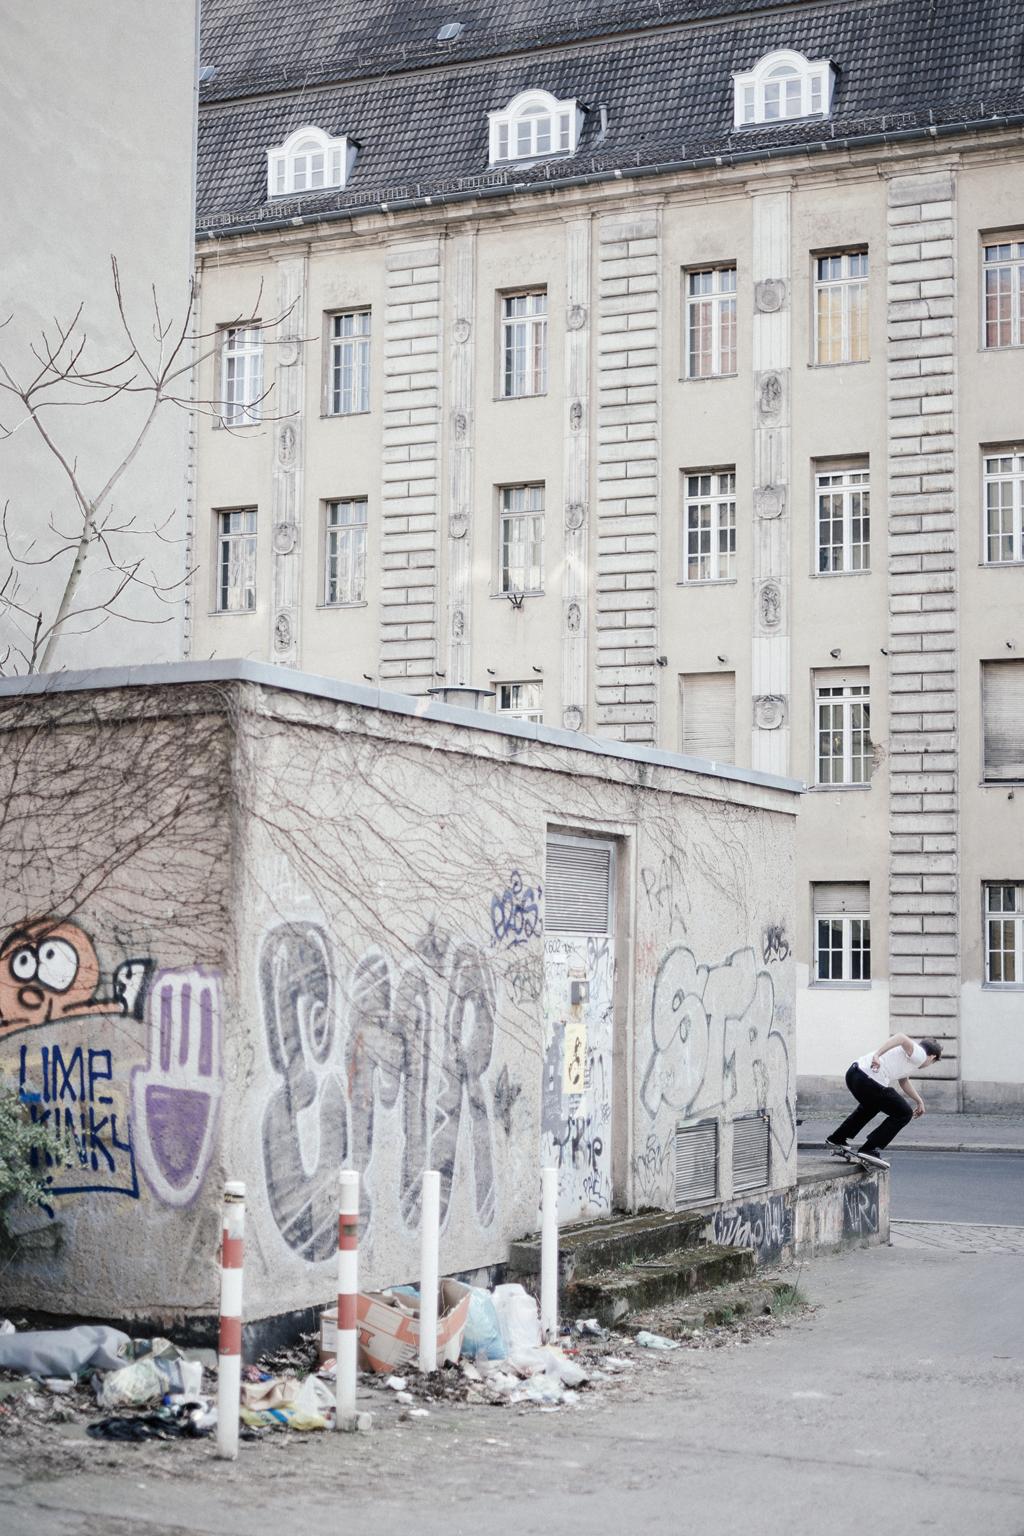 BILDER_PLACE_jonas-heß_highres-10